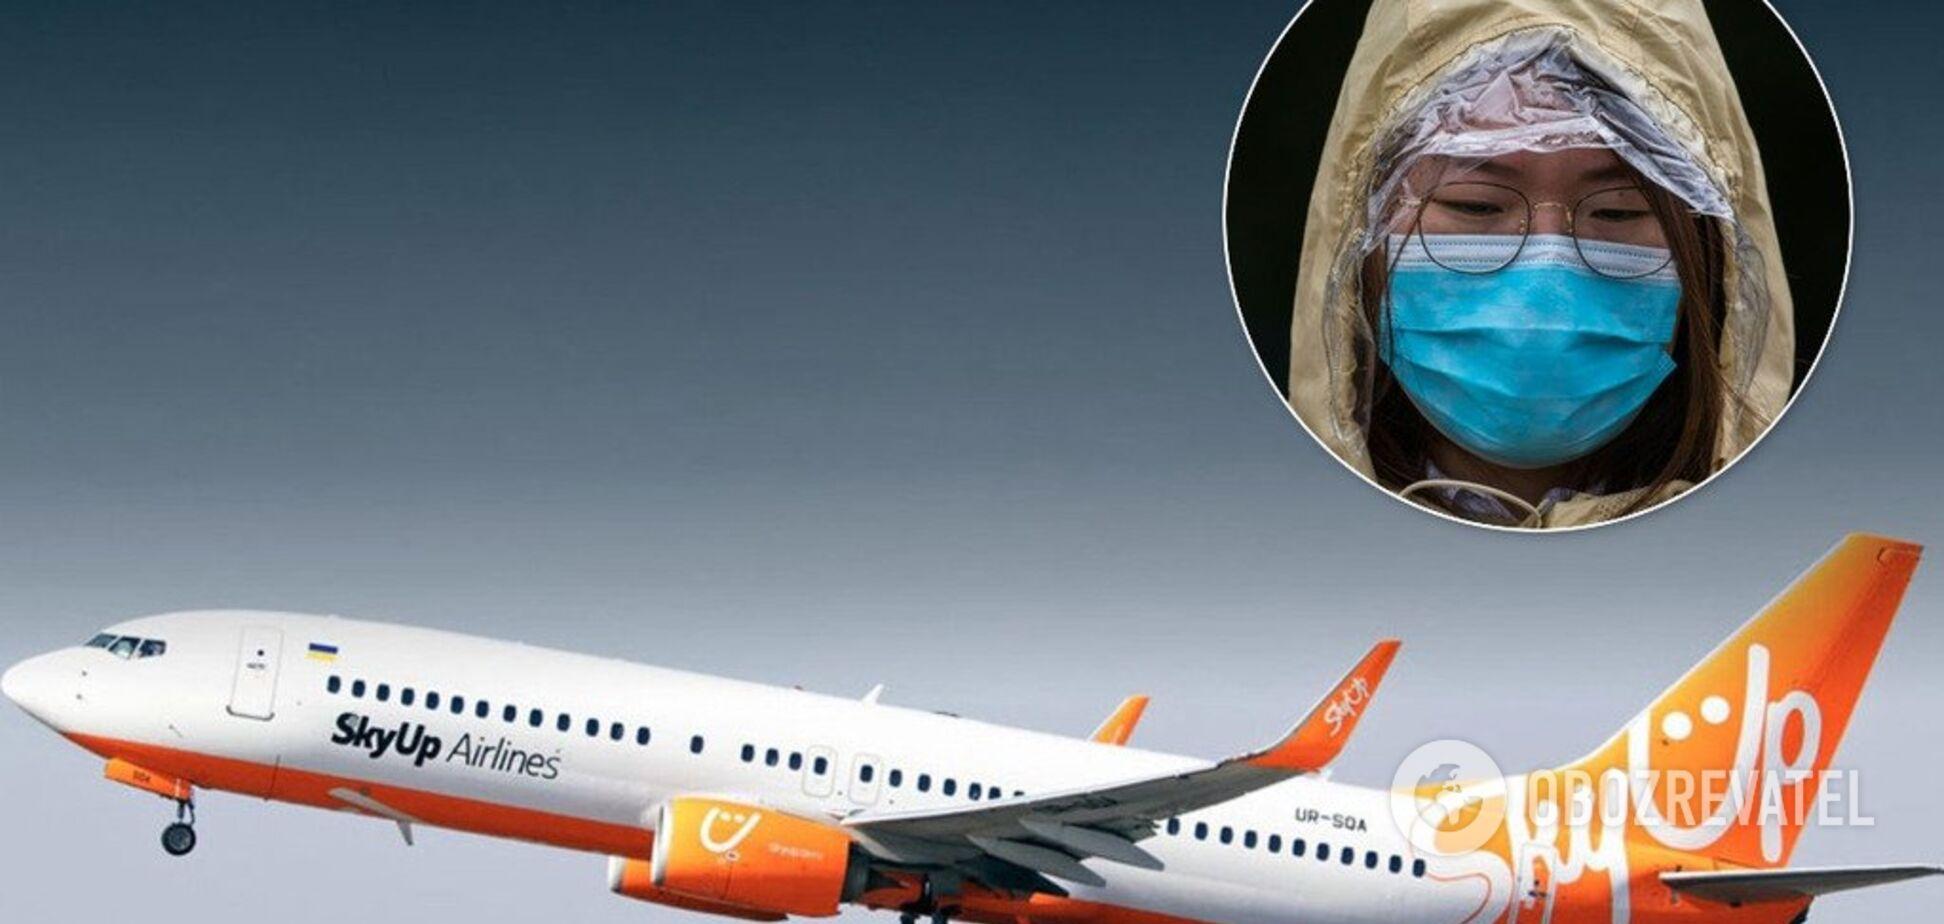 Из-за смертельного вируса: украинский лоукостер остановил рейсы в Китай и возвращает туристов